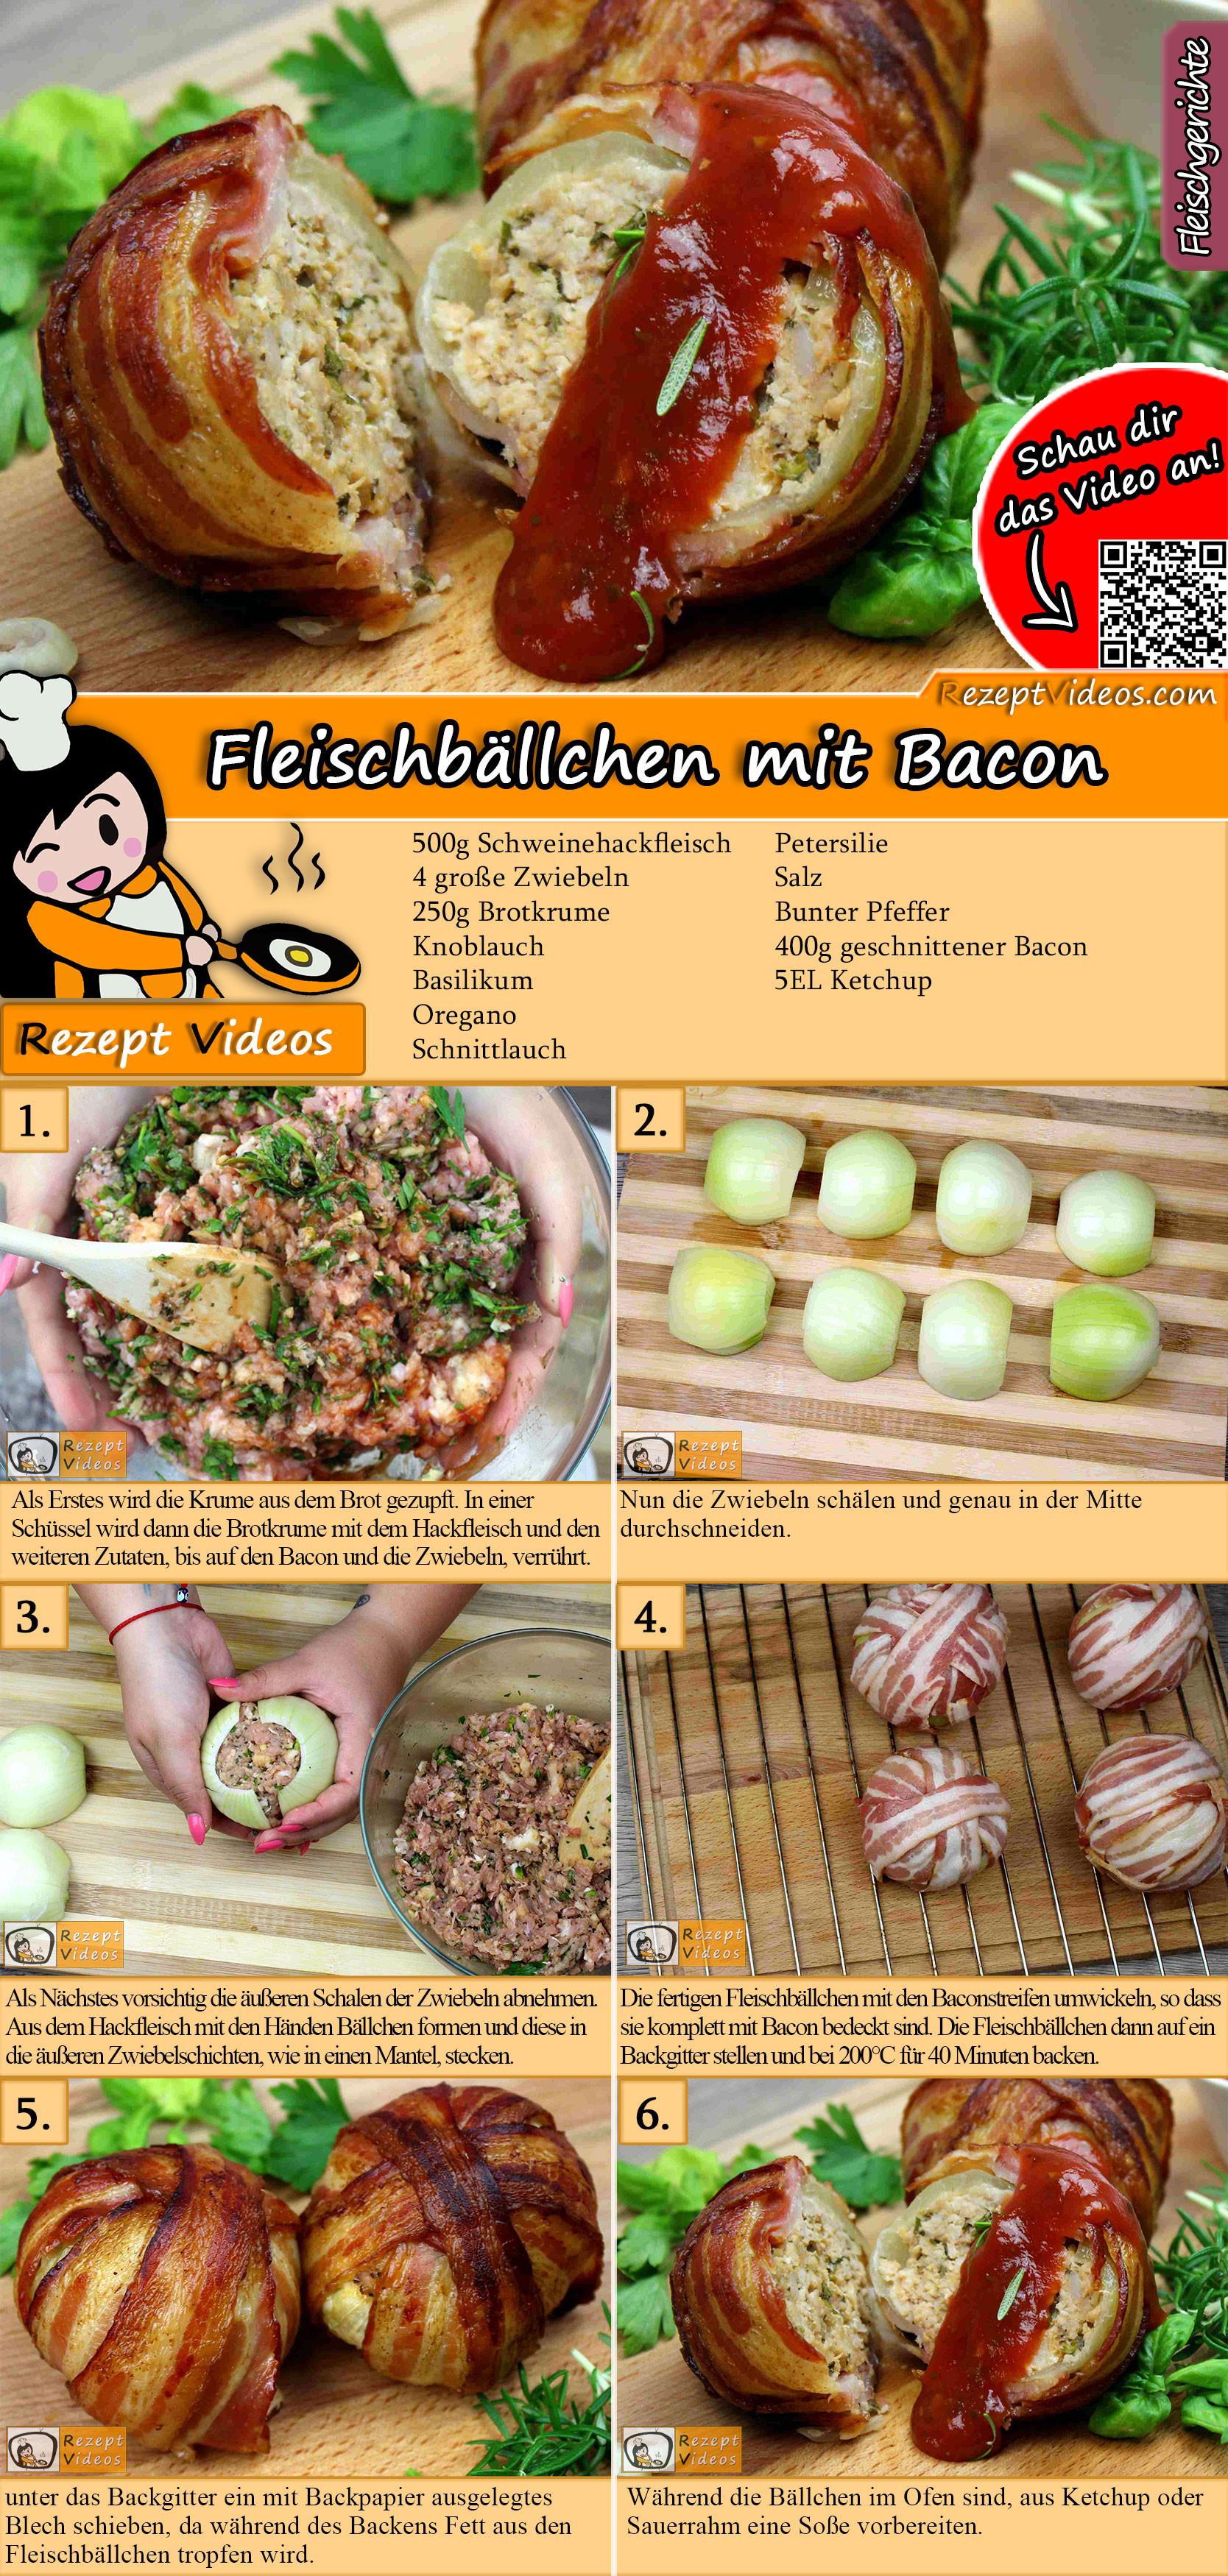 Fleischbällchen mit Bacon Rezept mit Video